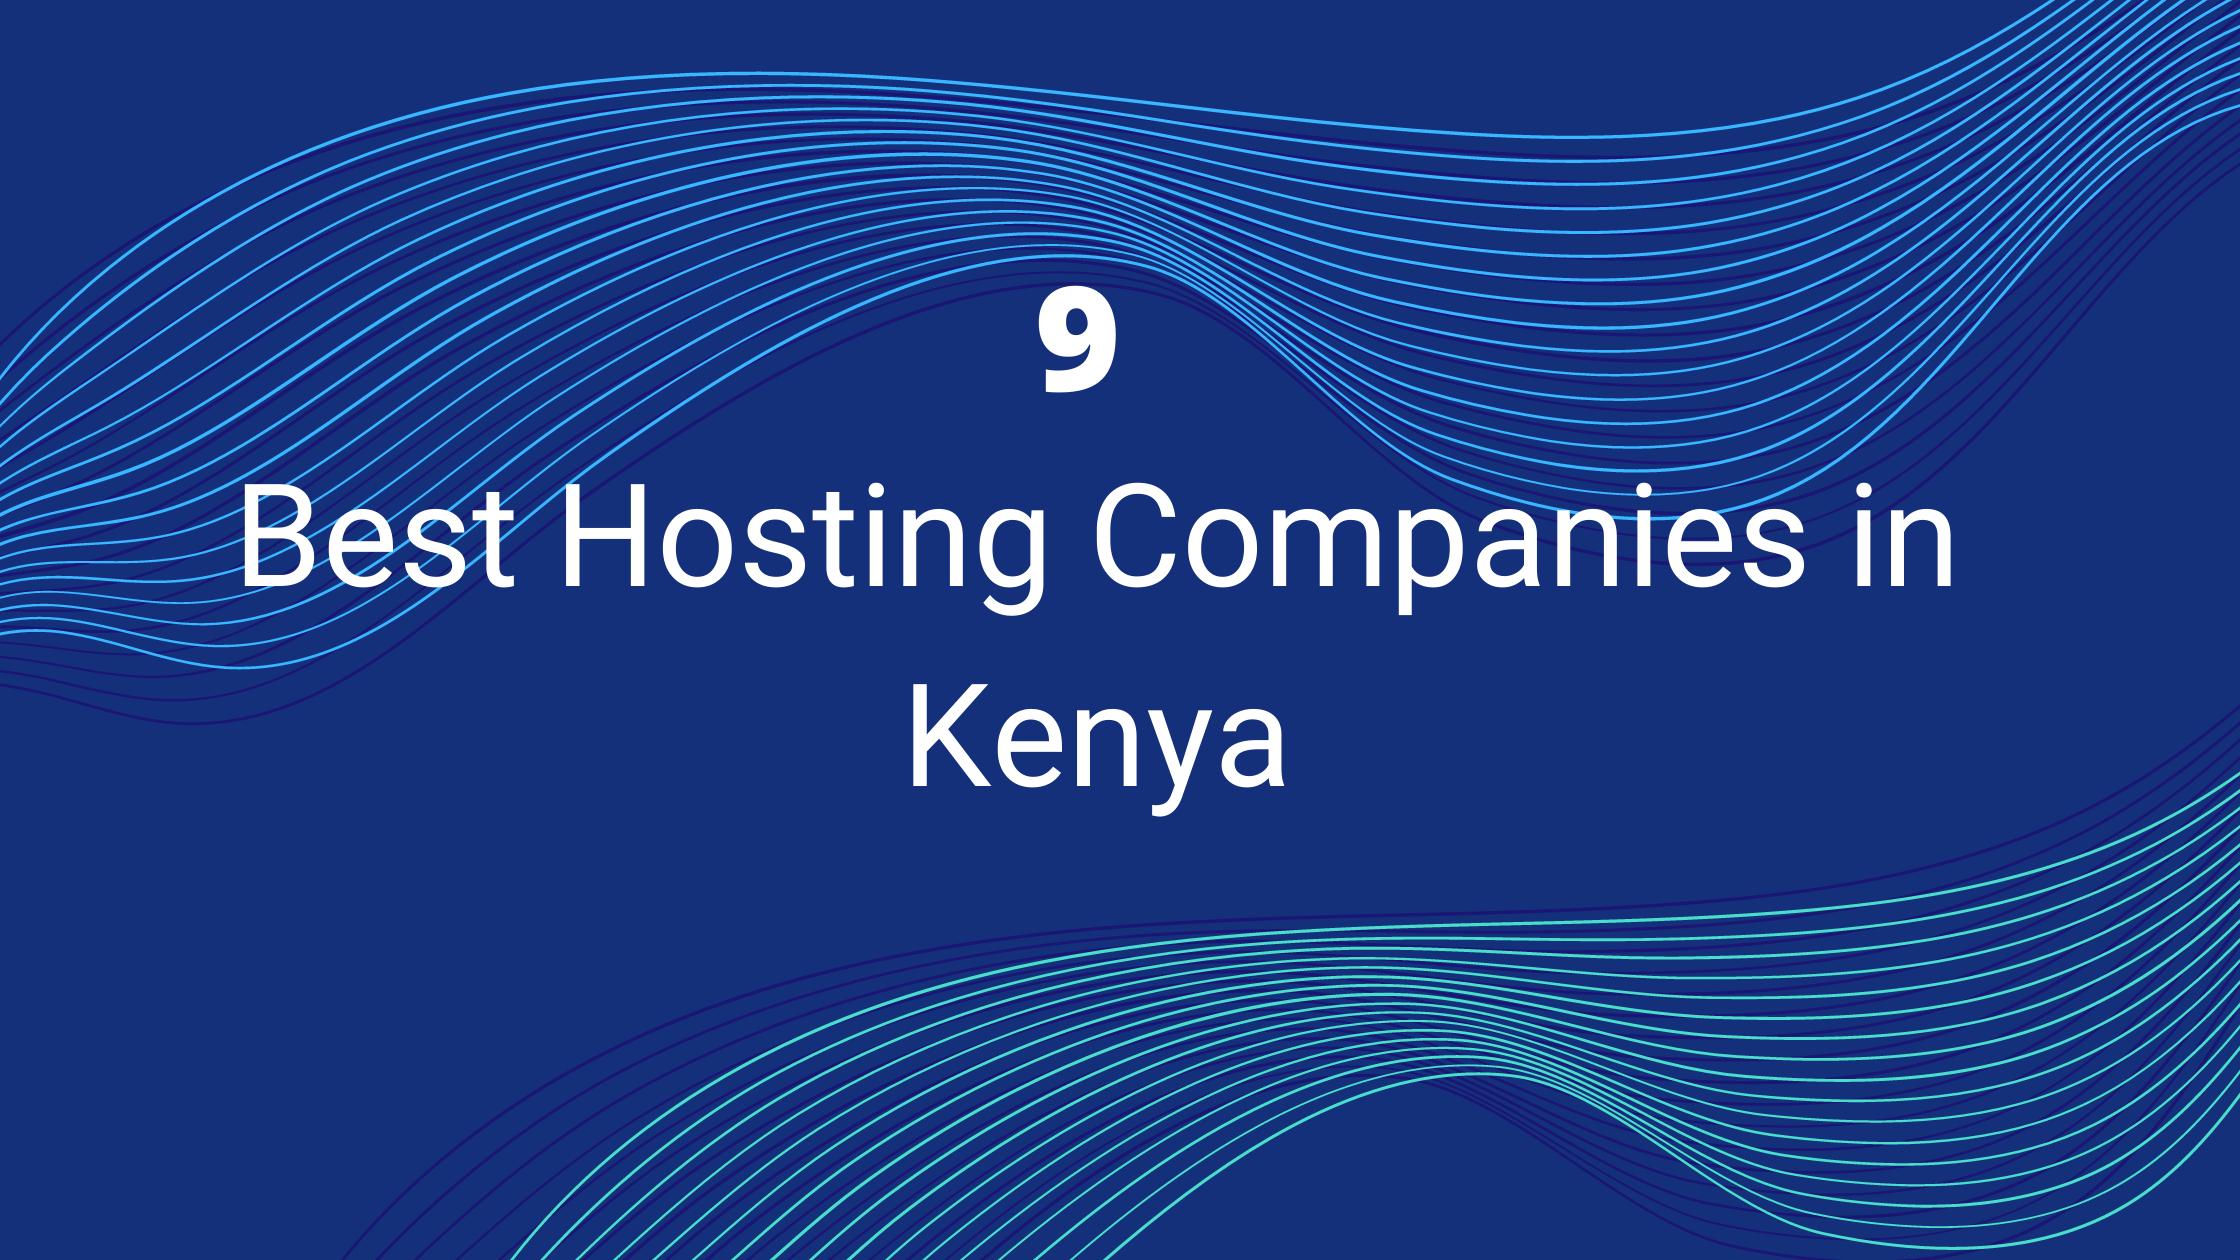 Best hosting companies in Kenya